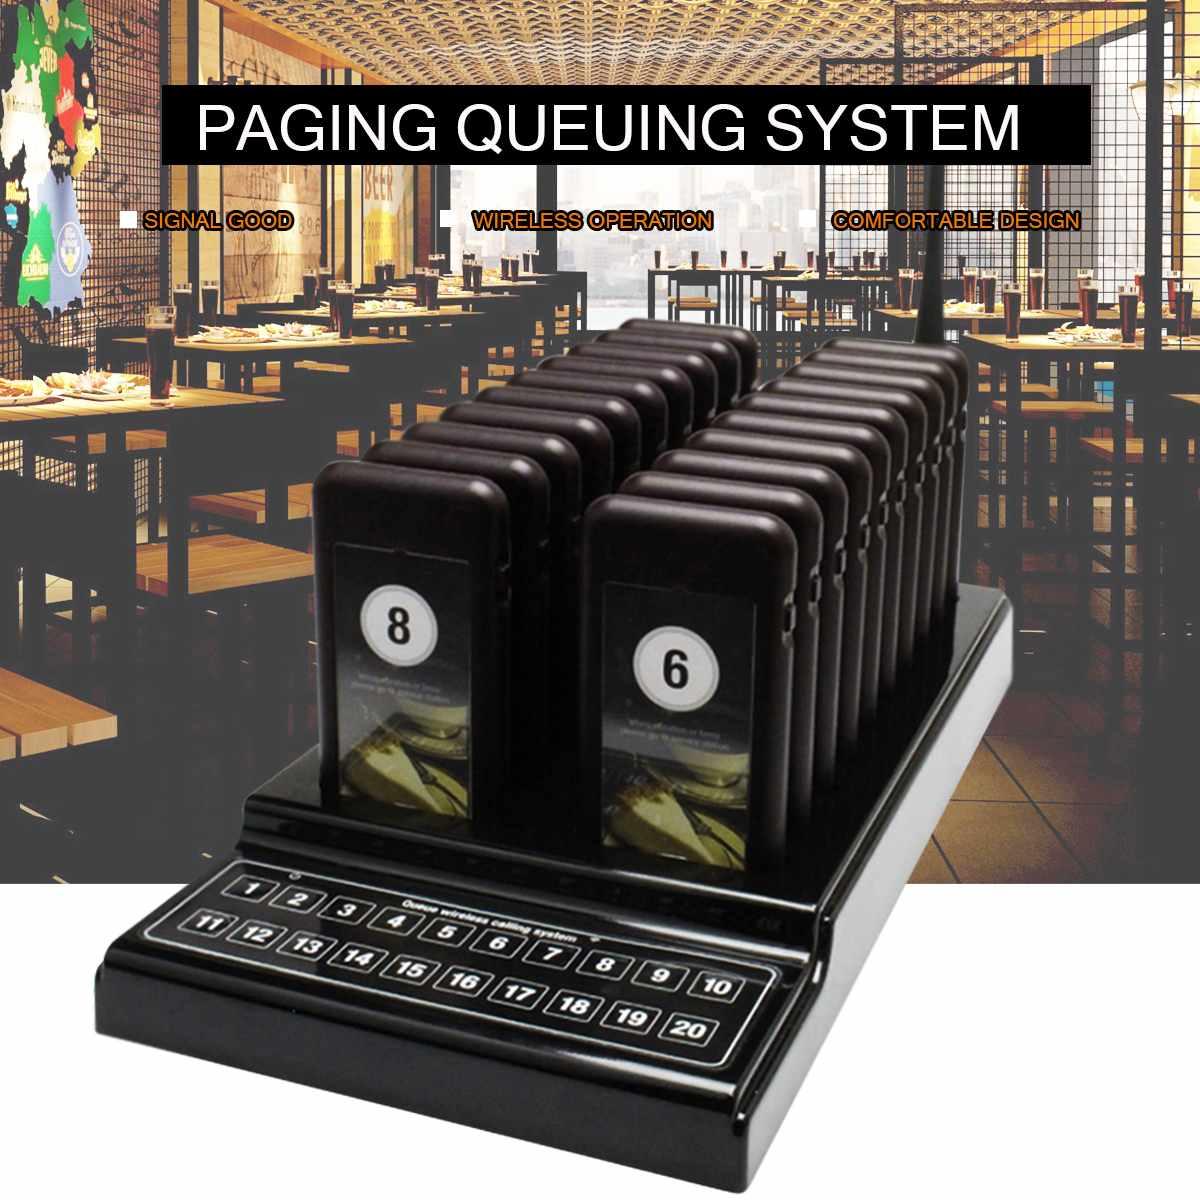 Système de mise en file d'attente sans fil de téléavertisseur de Restaurant 999 canaux 1 transmetteur + 20 équipements de téléavertisseur